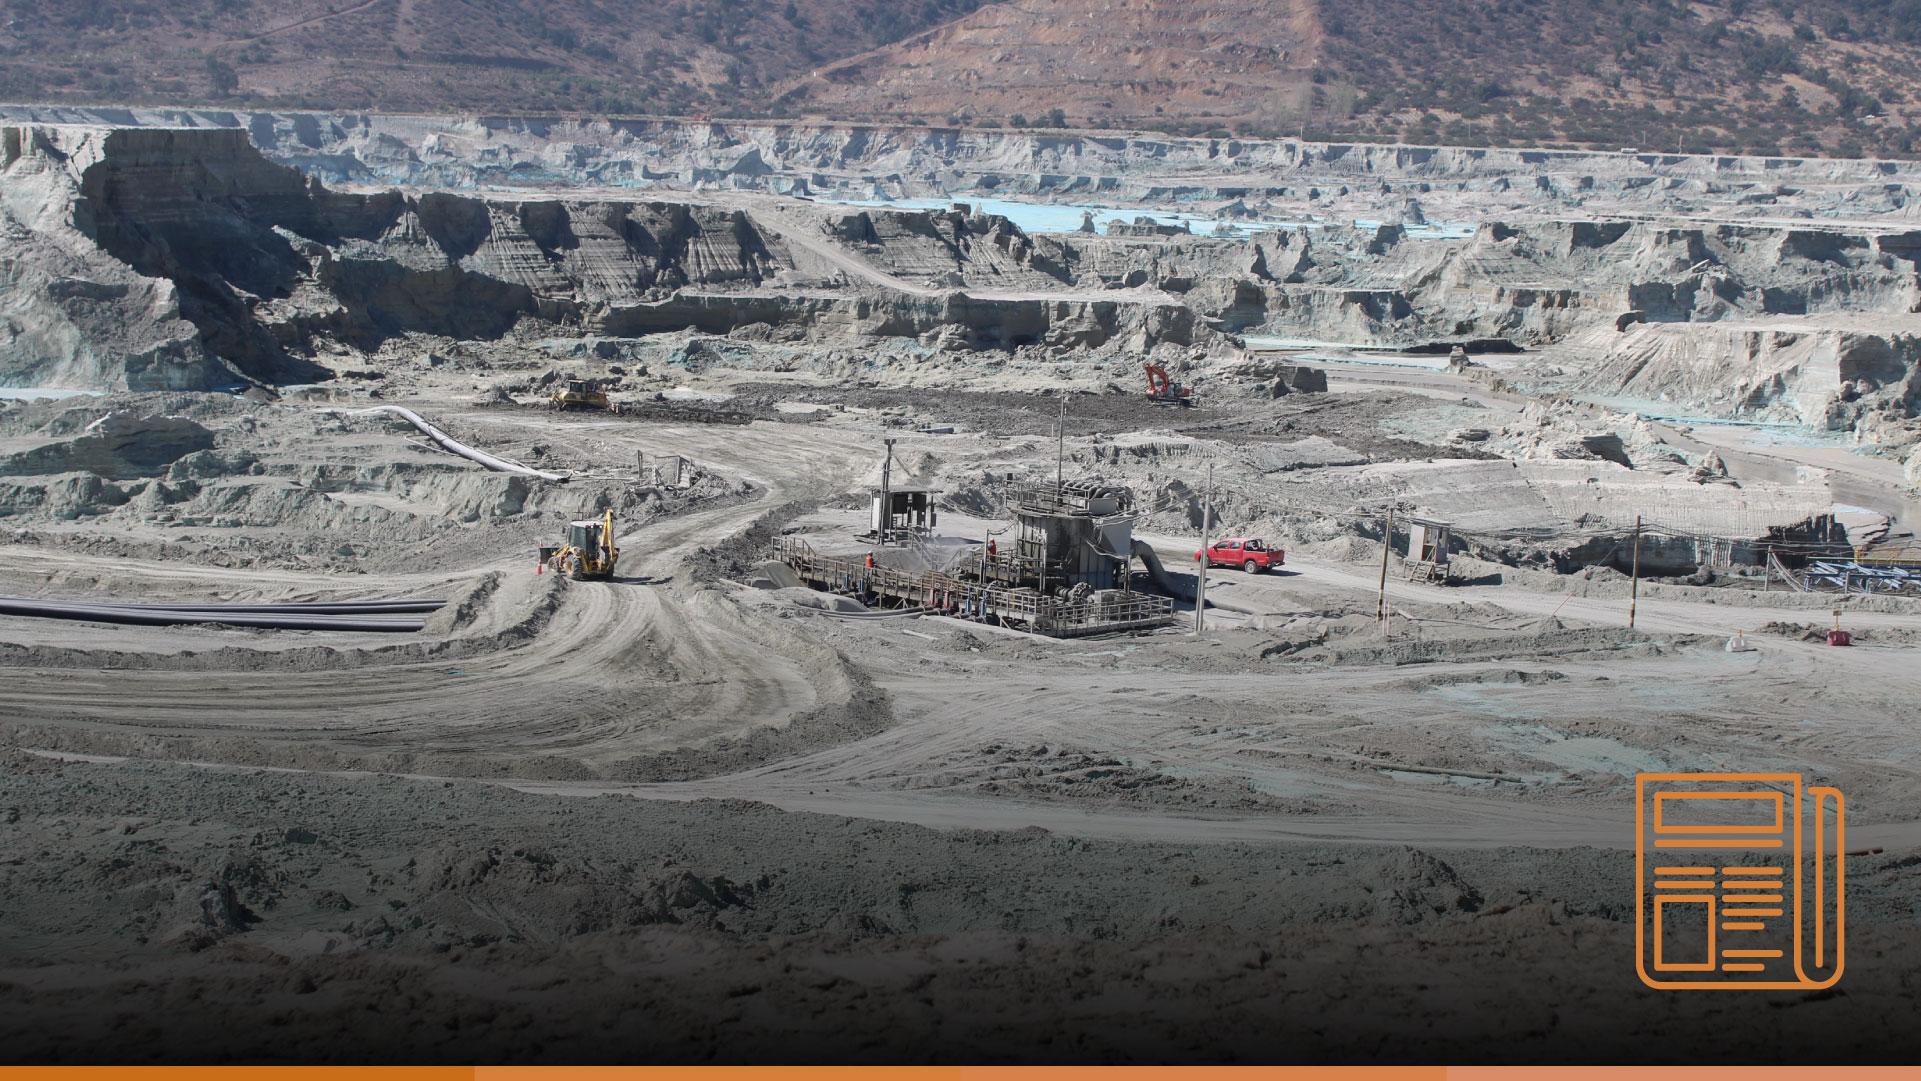 La riqueza detrás de un pasivo minero.